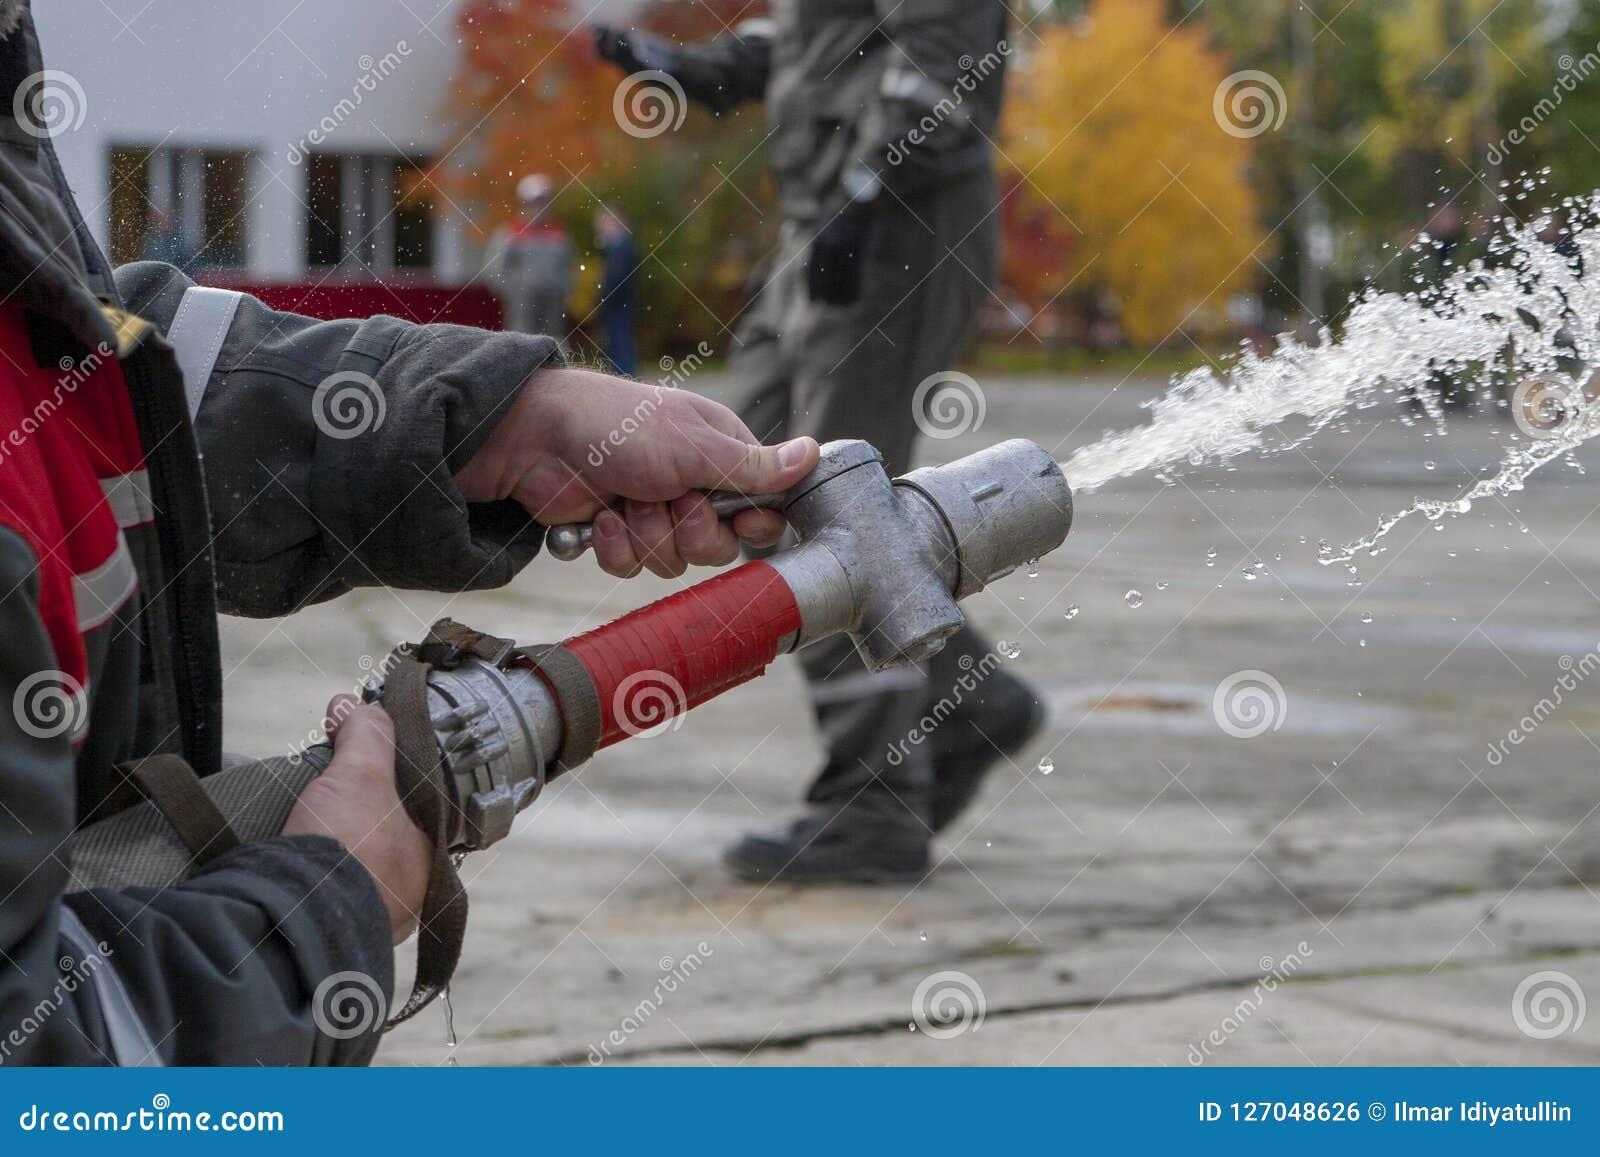 Agua del espray de los bomberos durante un ejercicio de formación